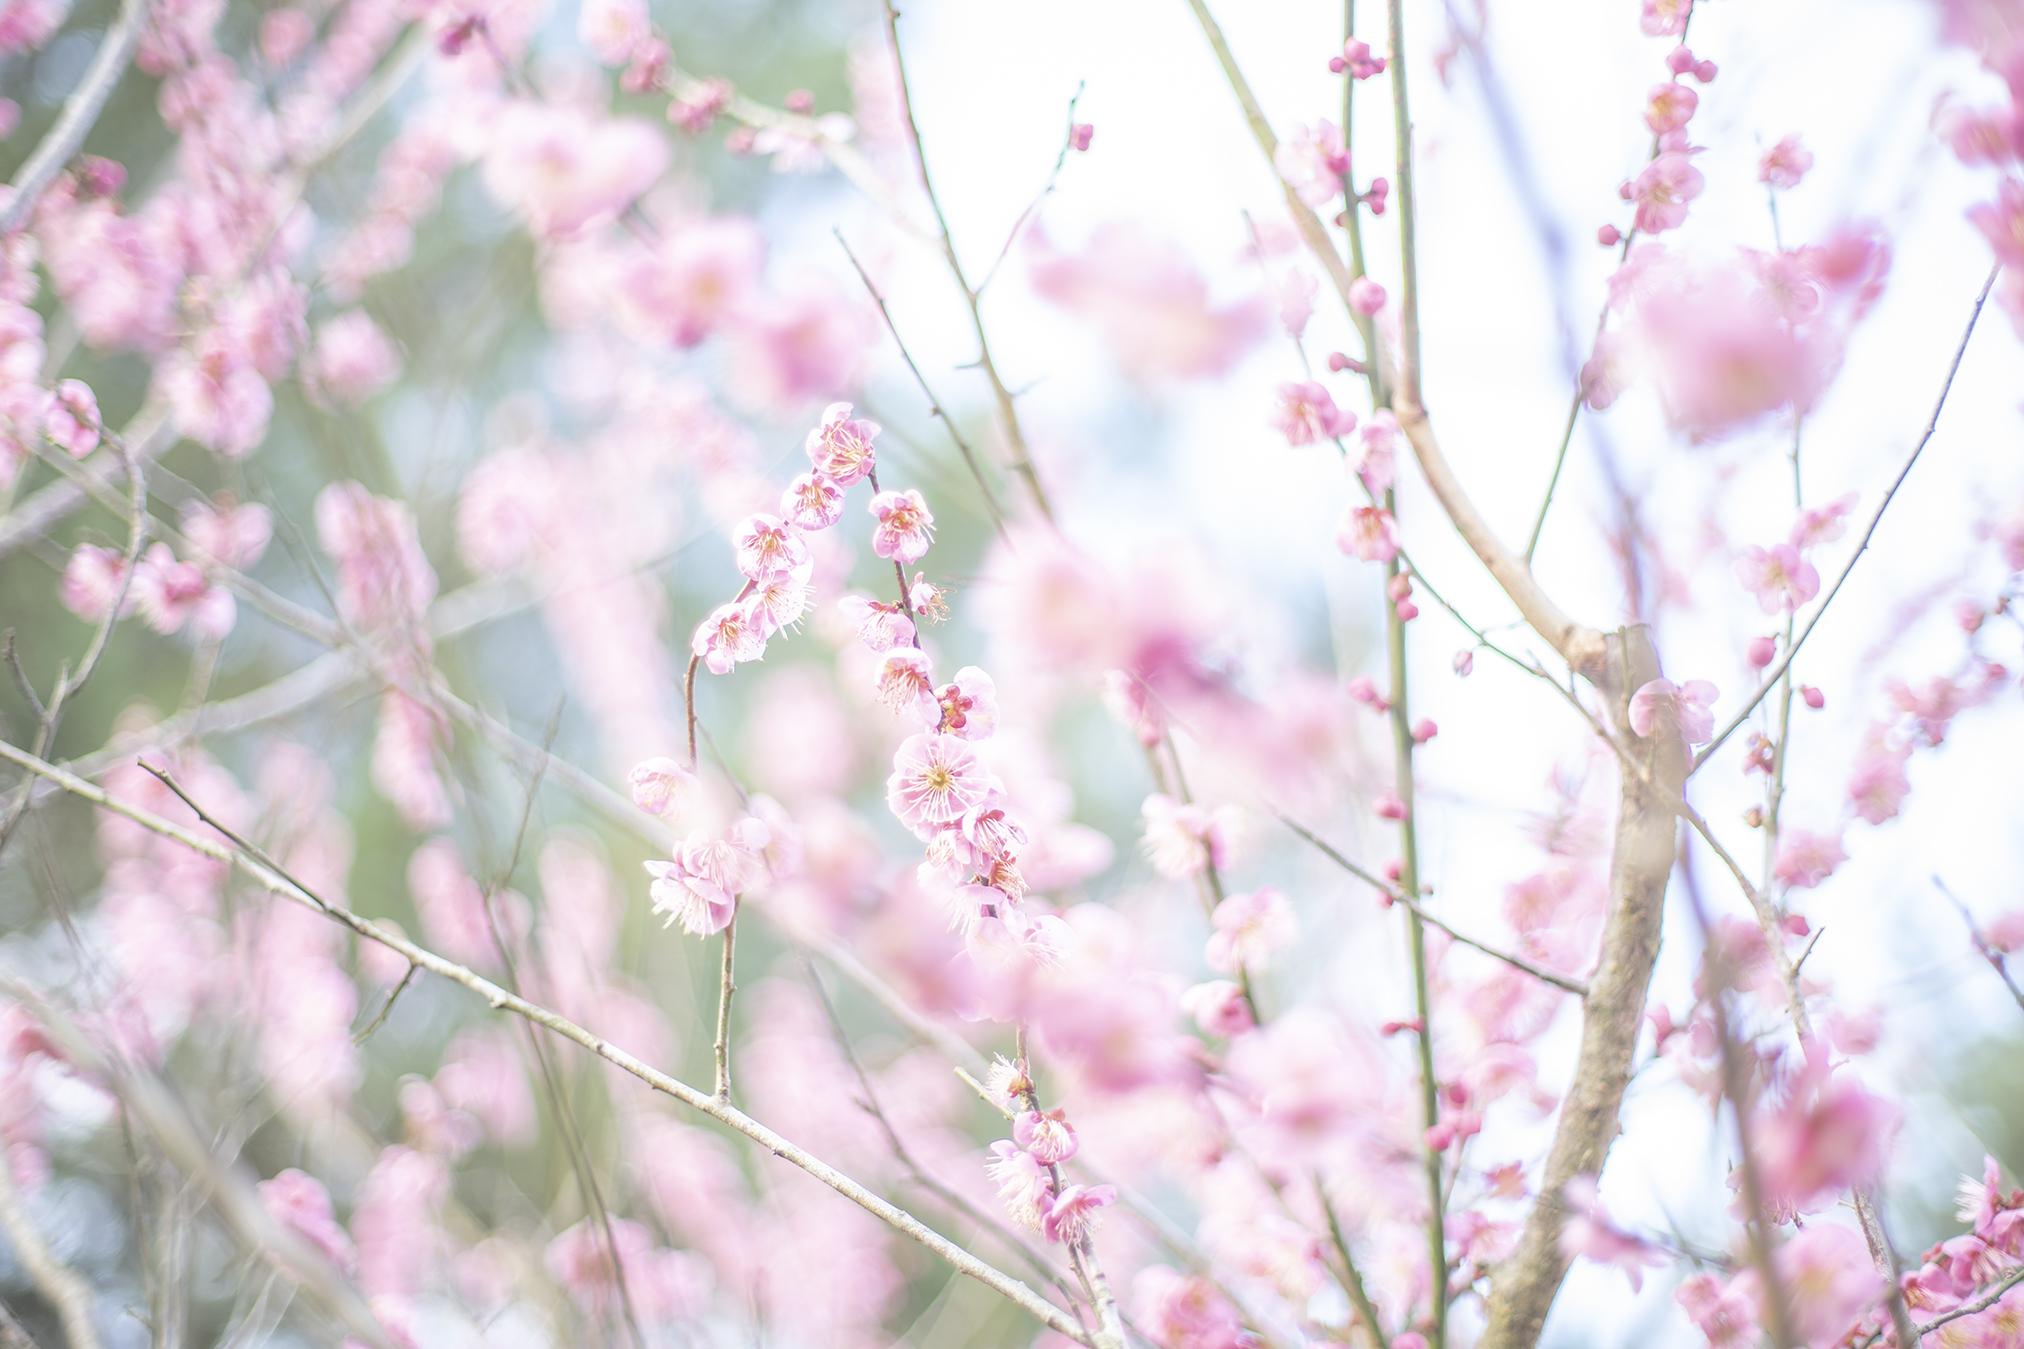 公渕森林公園の梅が枯れてる・・・